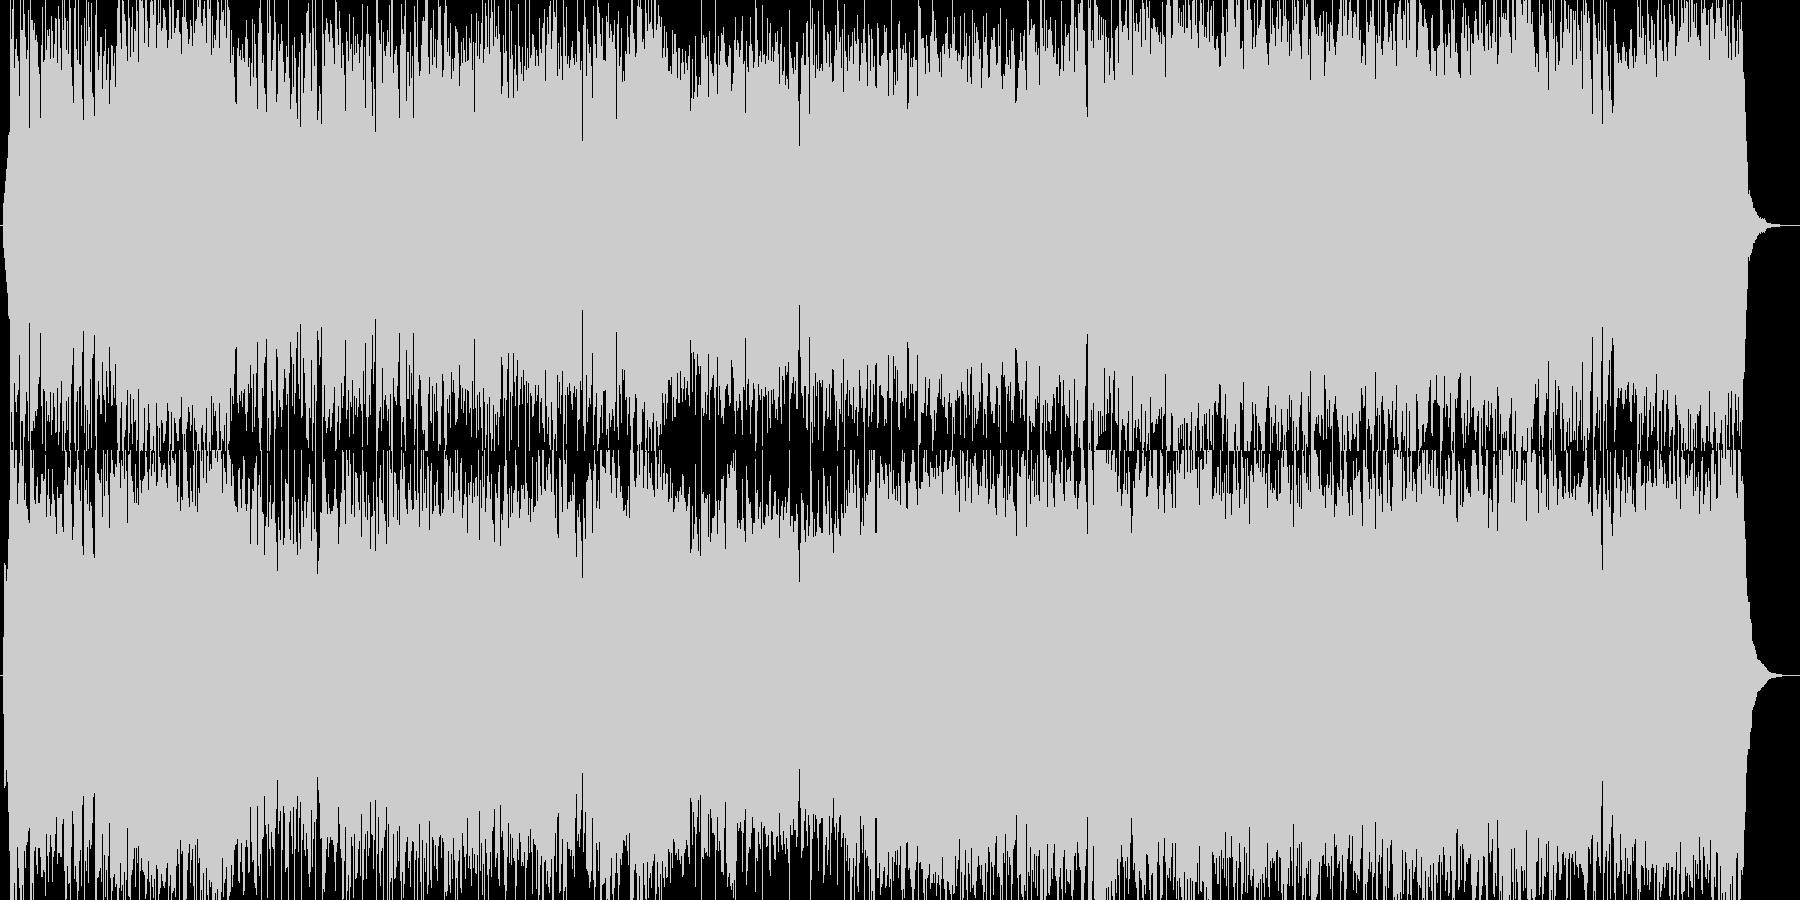 軽快なオーケストラロック・バトル曲の未再生の波形